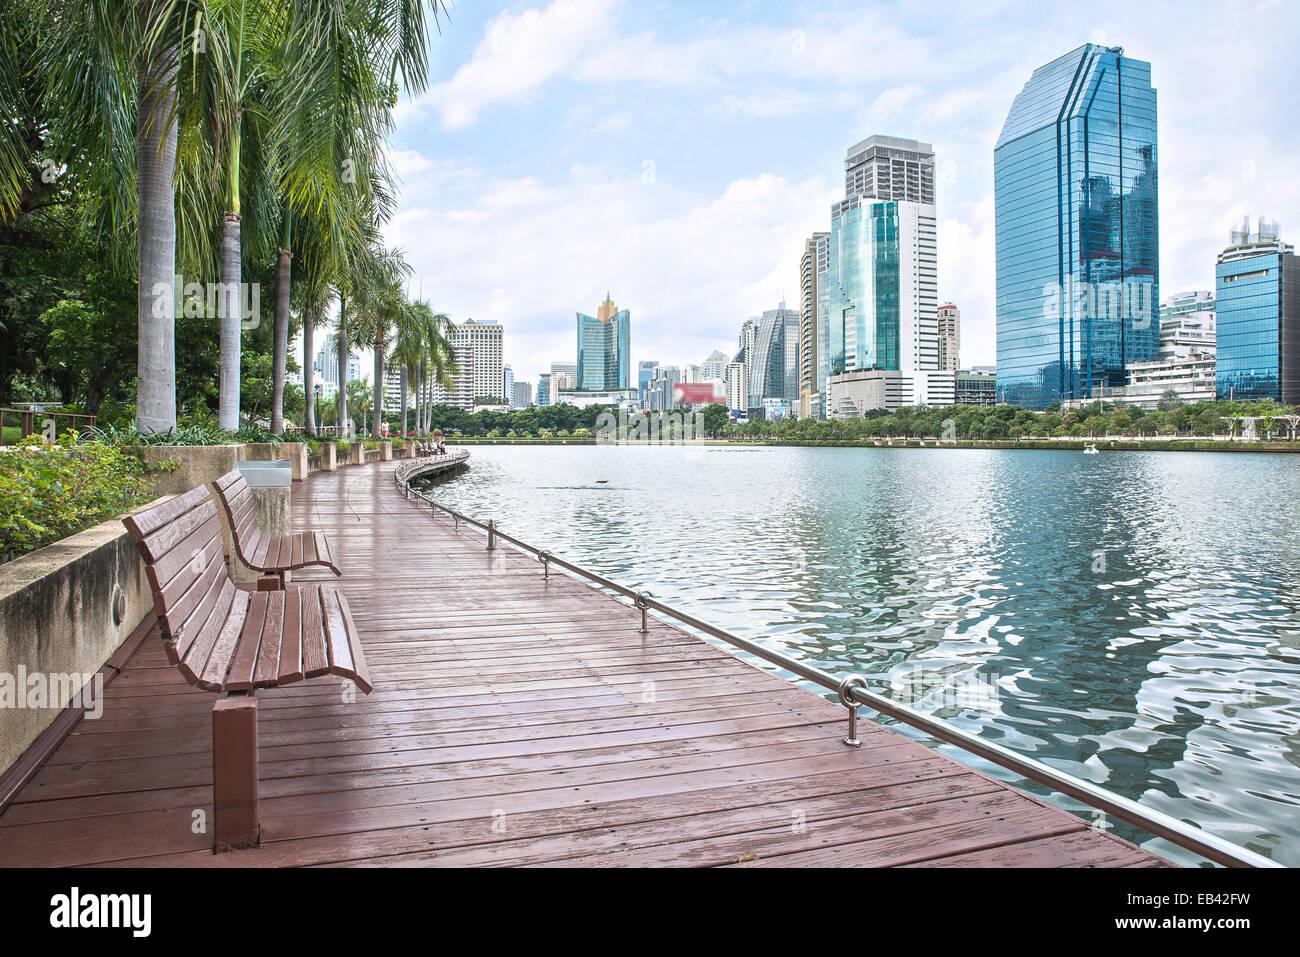 Blick auf die moderne Stadt von Bangkok, Thailand. Stadtbild Stockbild